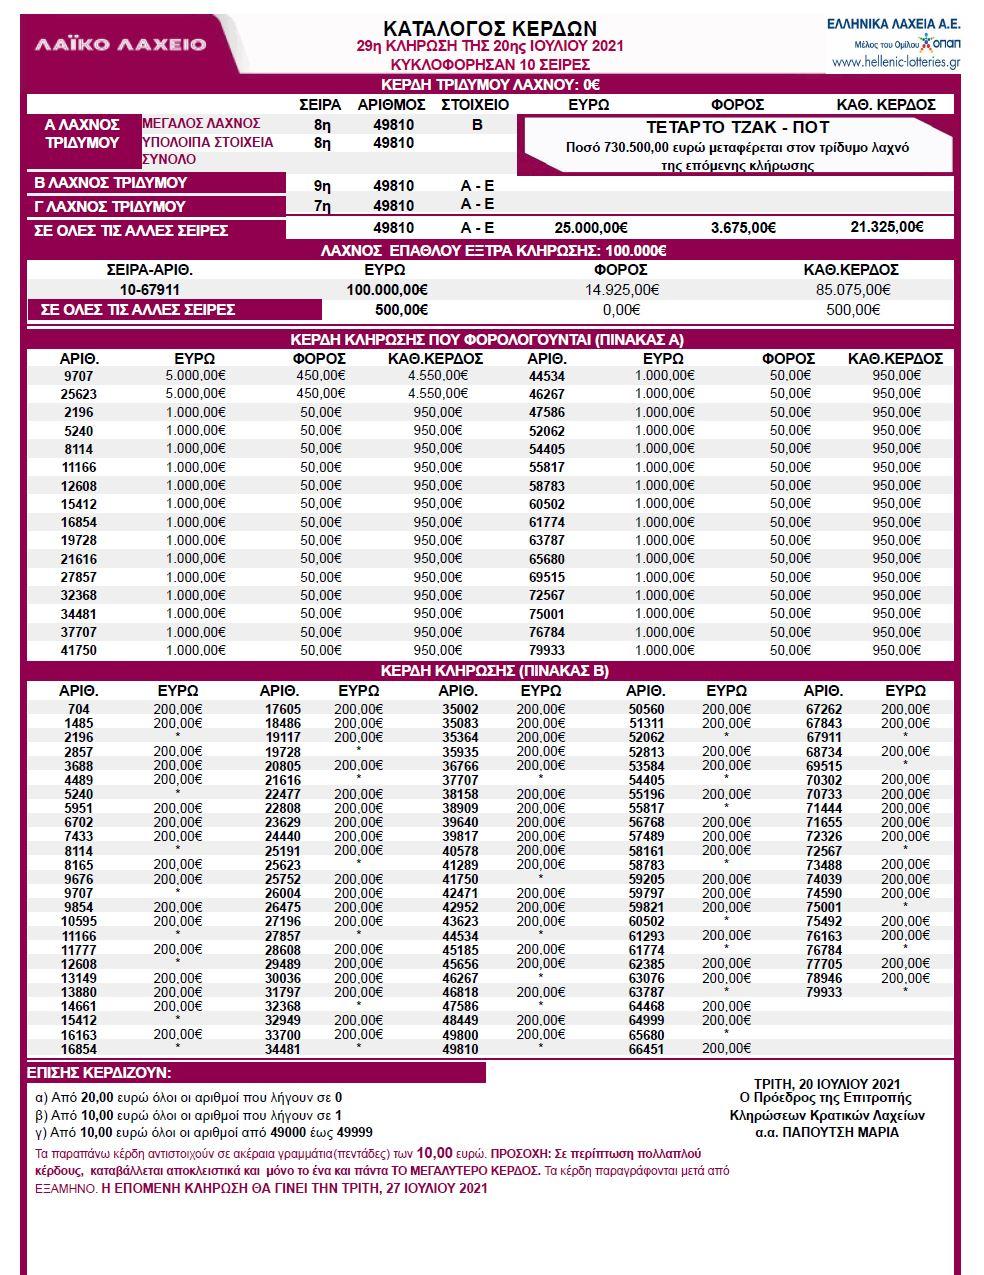 λαικο-λαχειο-20-7-21-κληρωση-αποτελεσματα-λαικο-20-ιουλιου-2021-κερδη